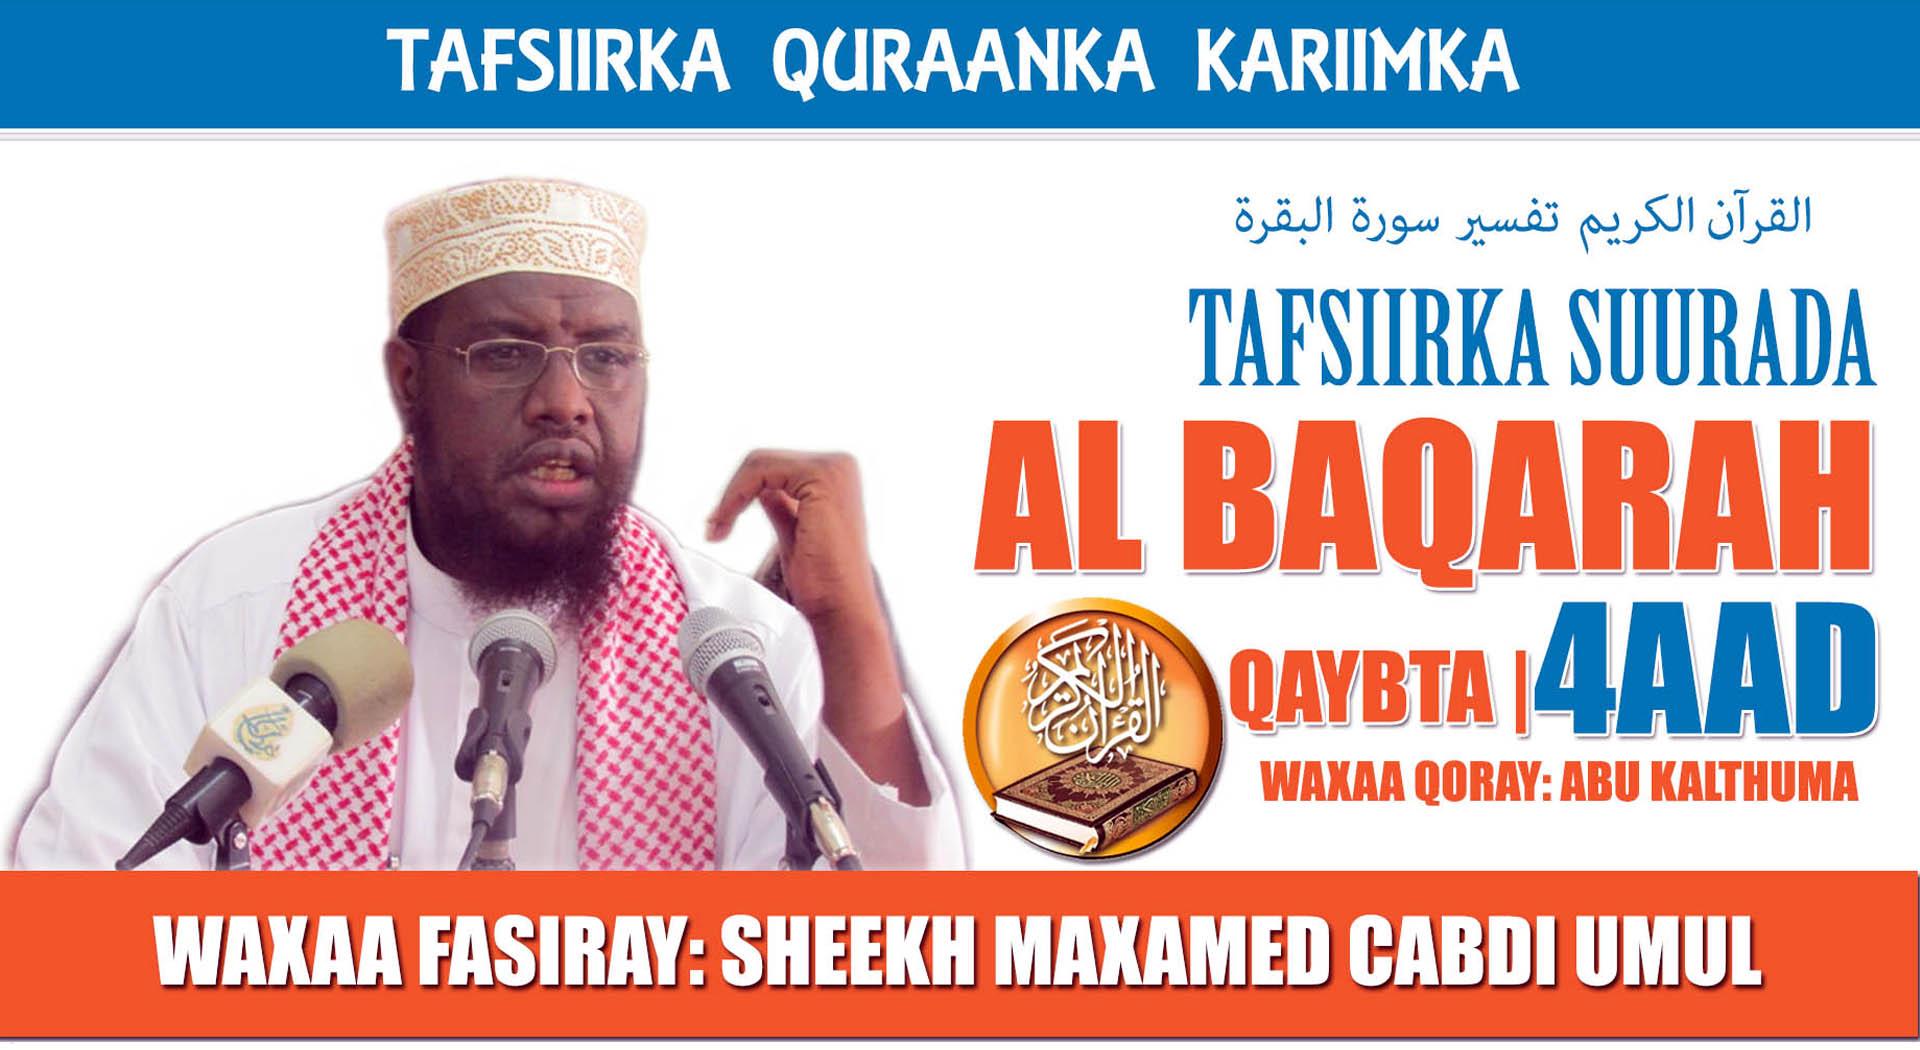 Tafsiirka Quraanka: Suurada al-Baqarah – Qaybta 4aad